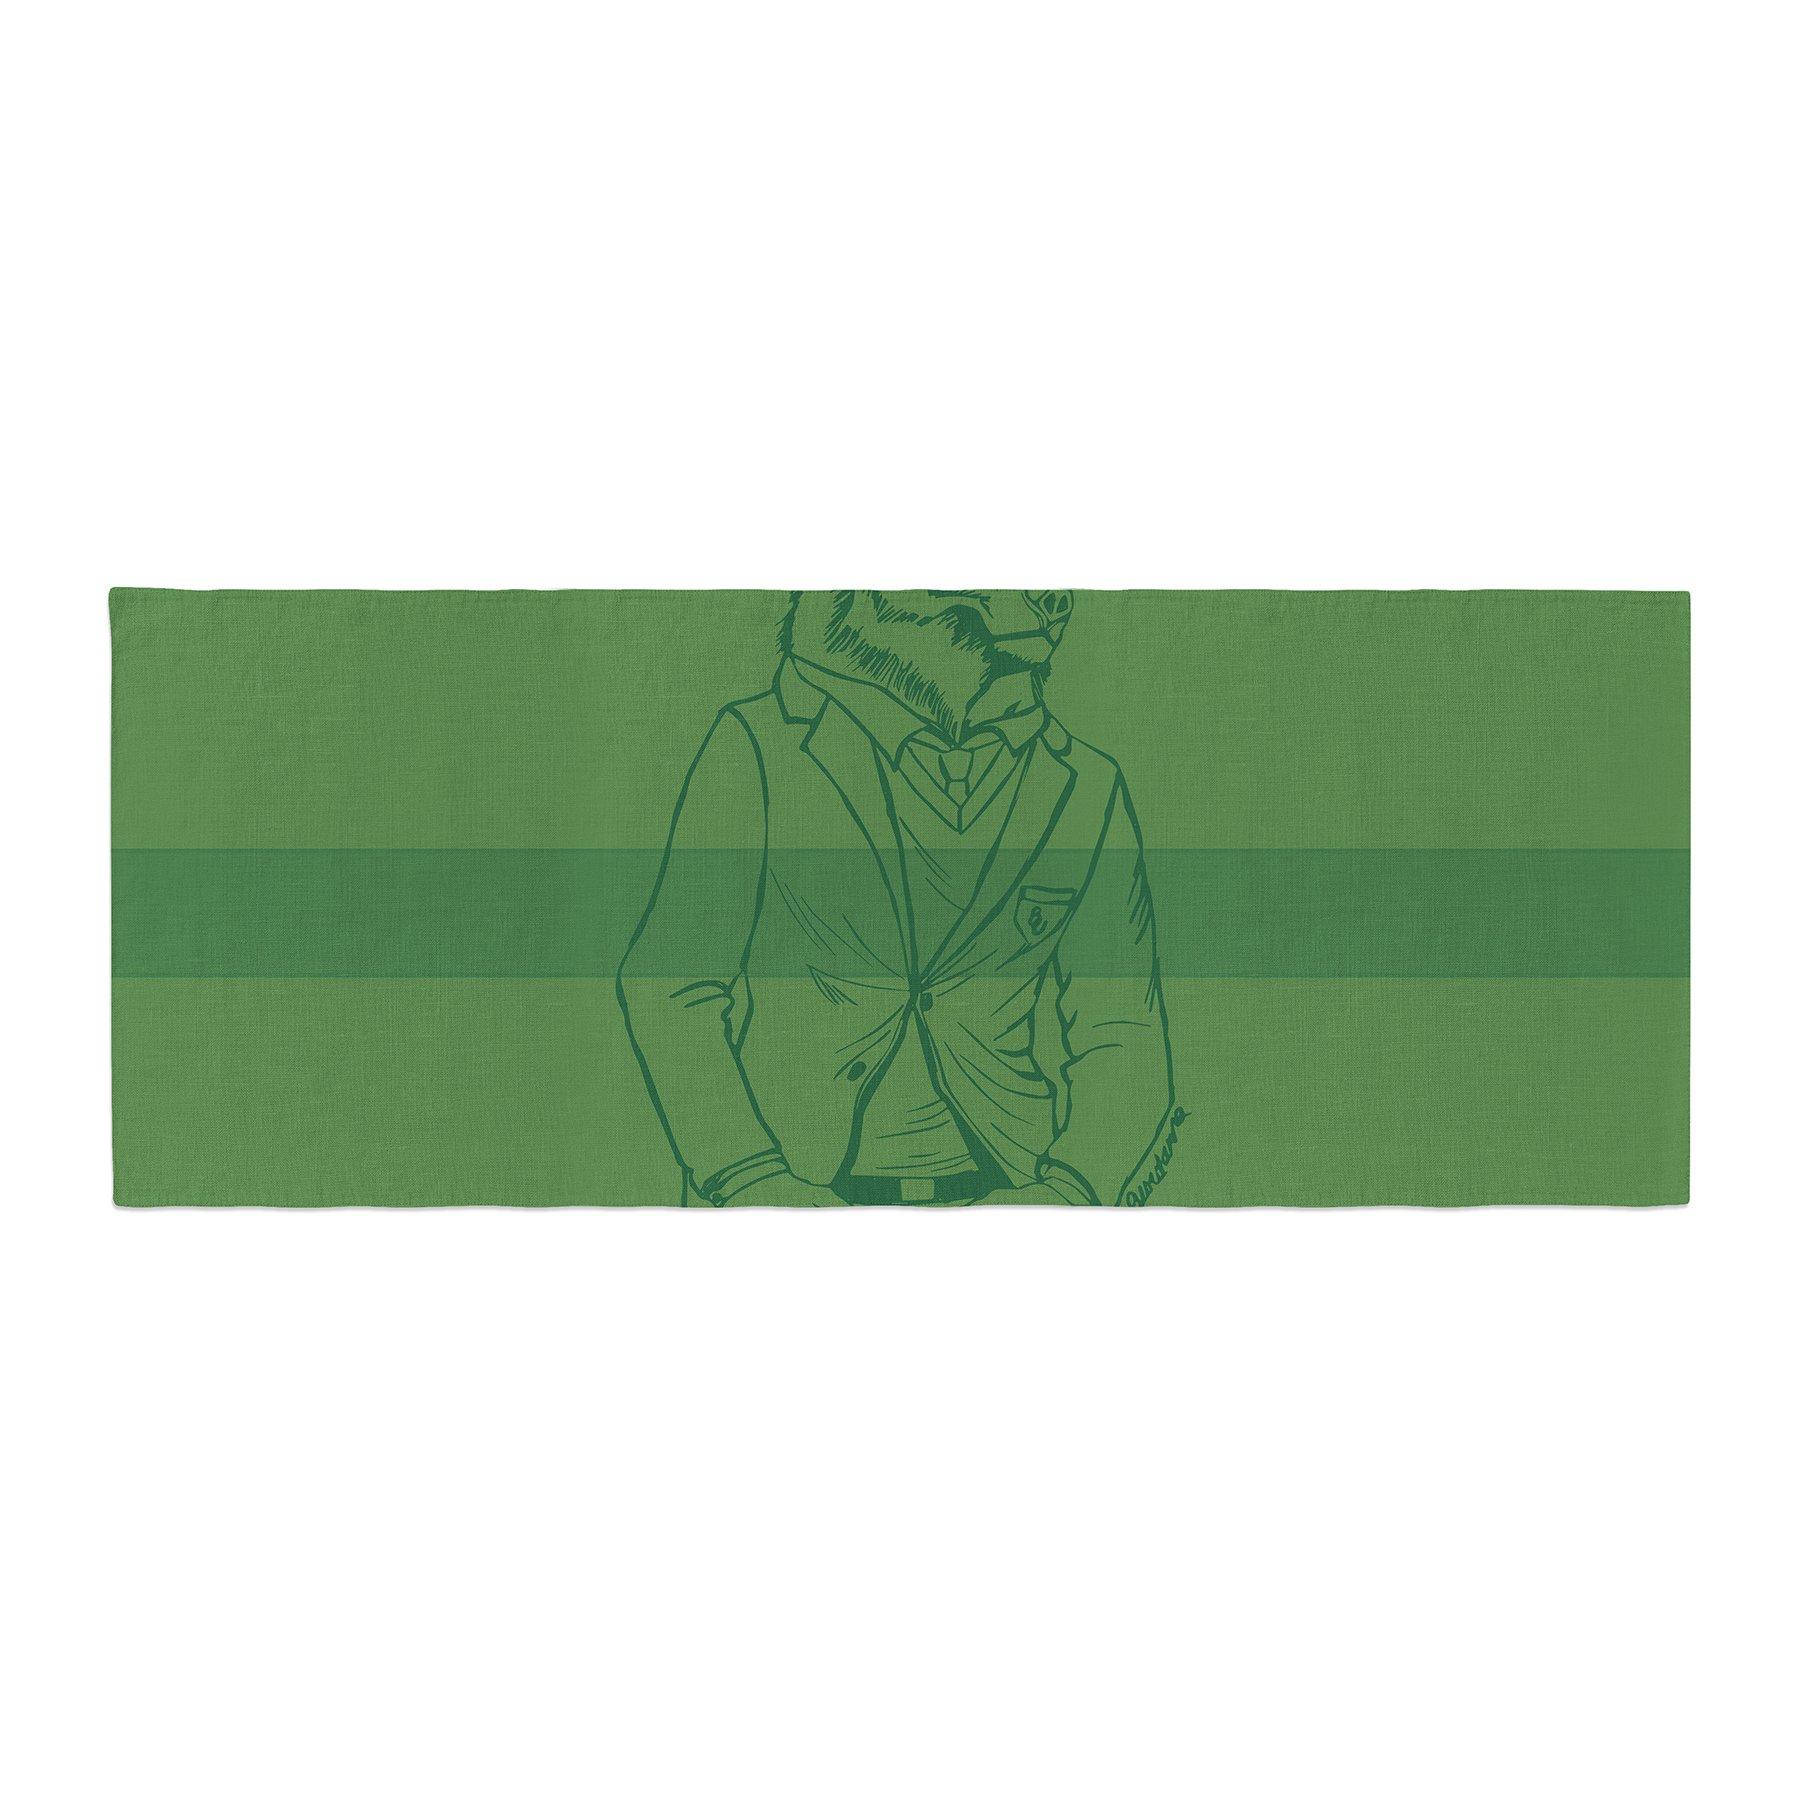 Kess InHouse Geordanna Cordero-Fields Dapper Bear Green Emerald Animal Bed Runner, 34'' x 86''